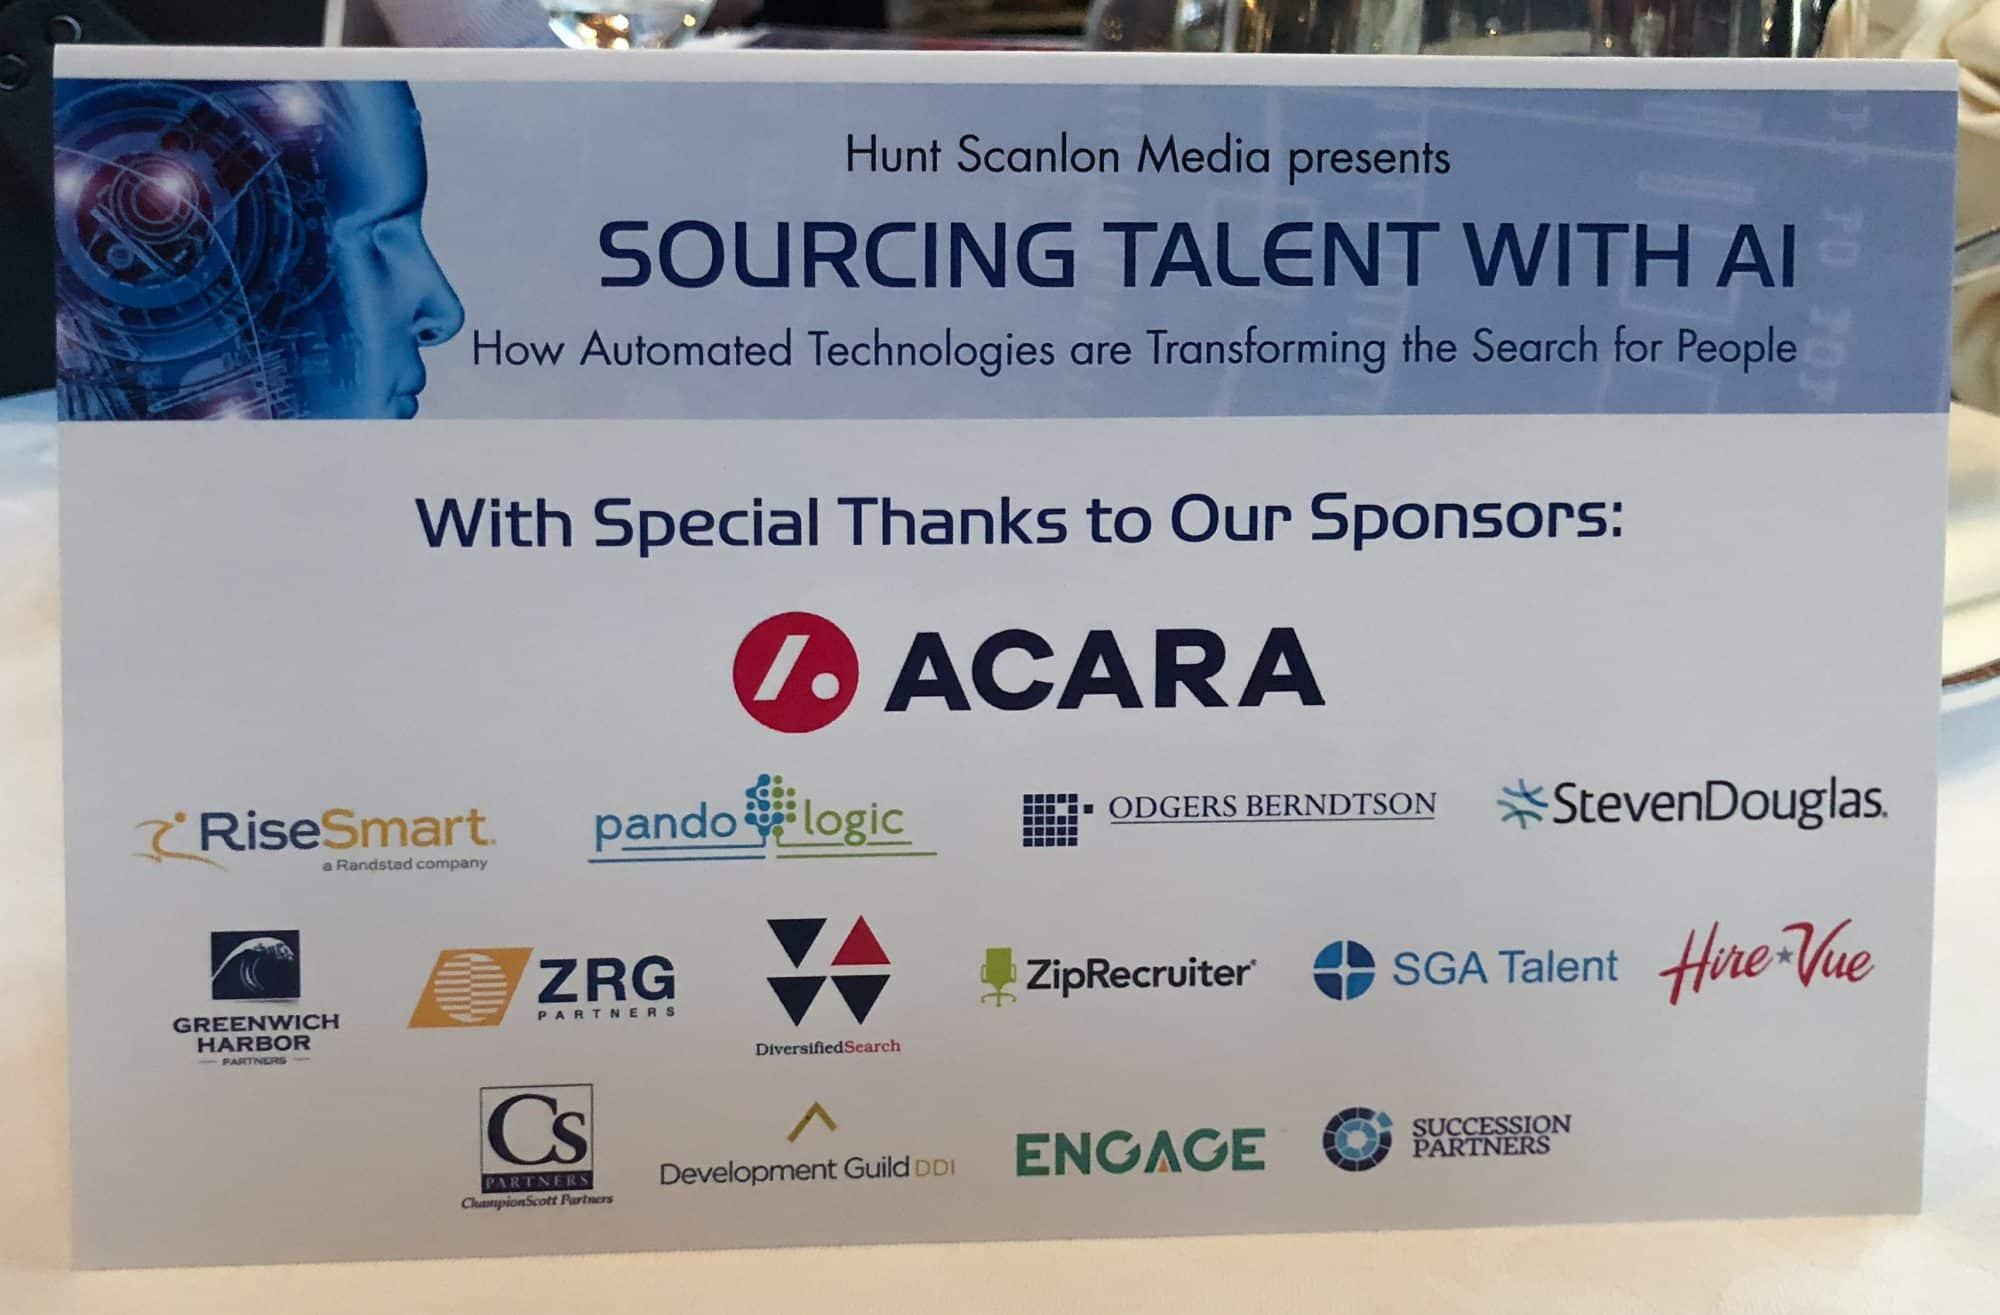 Hunt Scanlon Conference Sponsors